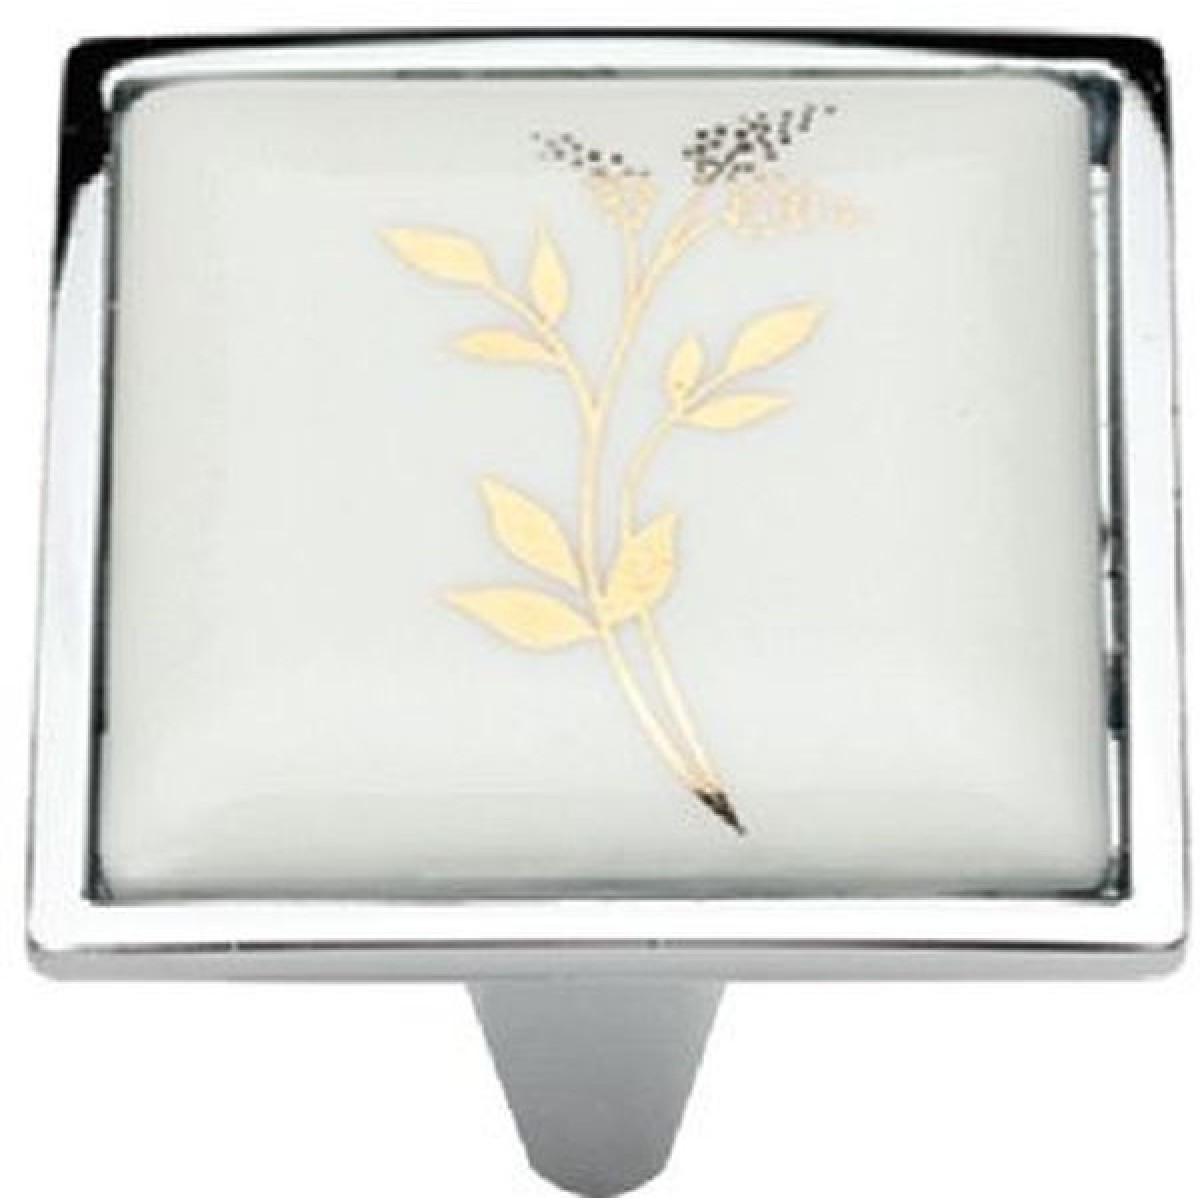 Ручка мебельная Ozkardesler 5352-06/40 керамика 32мм PORSELEN Хром-Колос